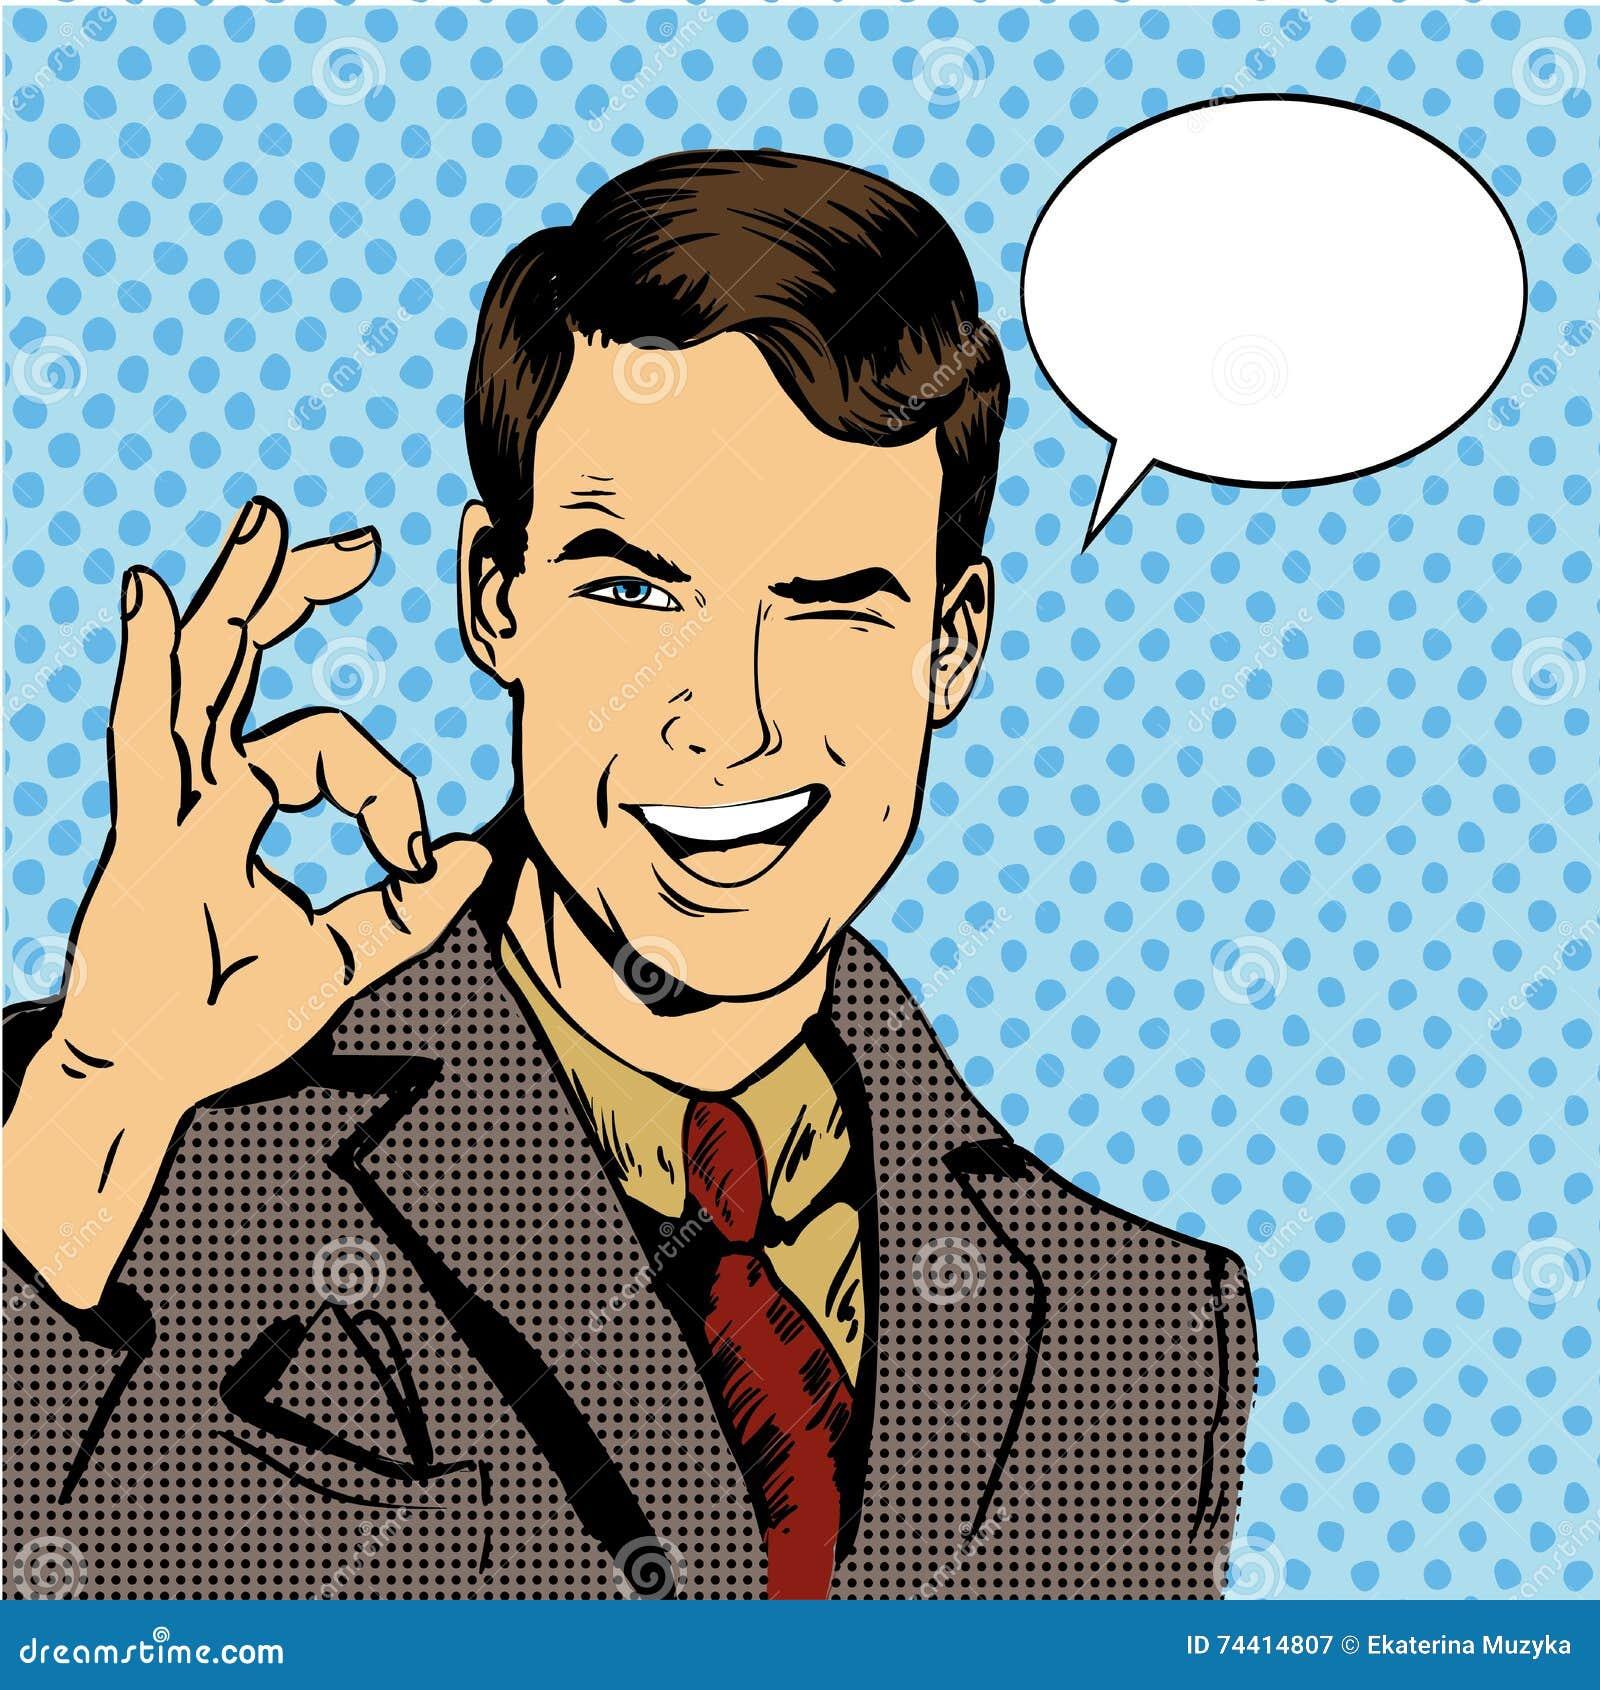 De mensenglimlach en toont O.K. handteken met toespraakbel Vectorillustratie in retro grappige pop-artstijl